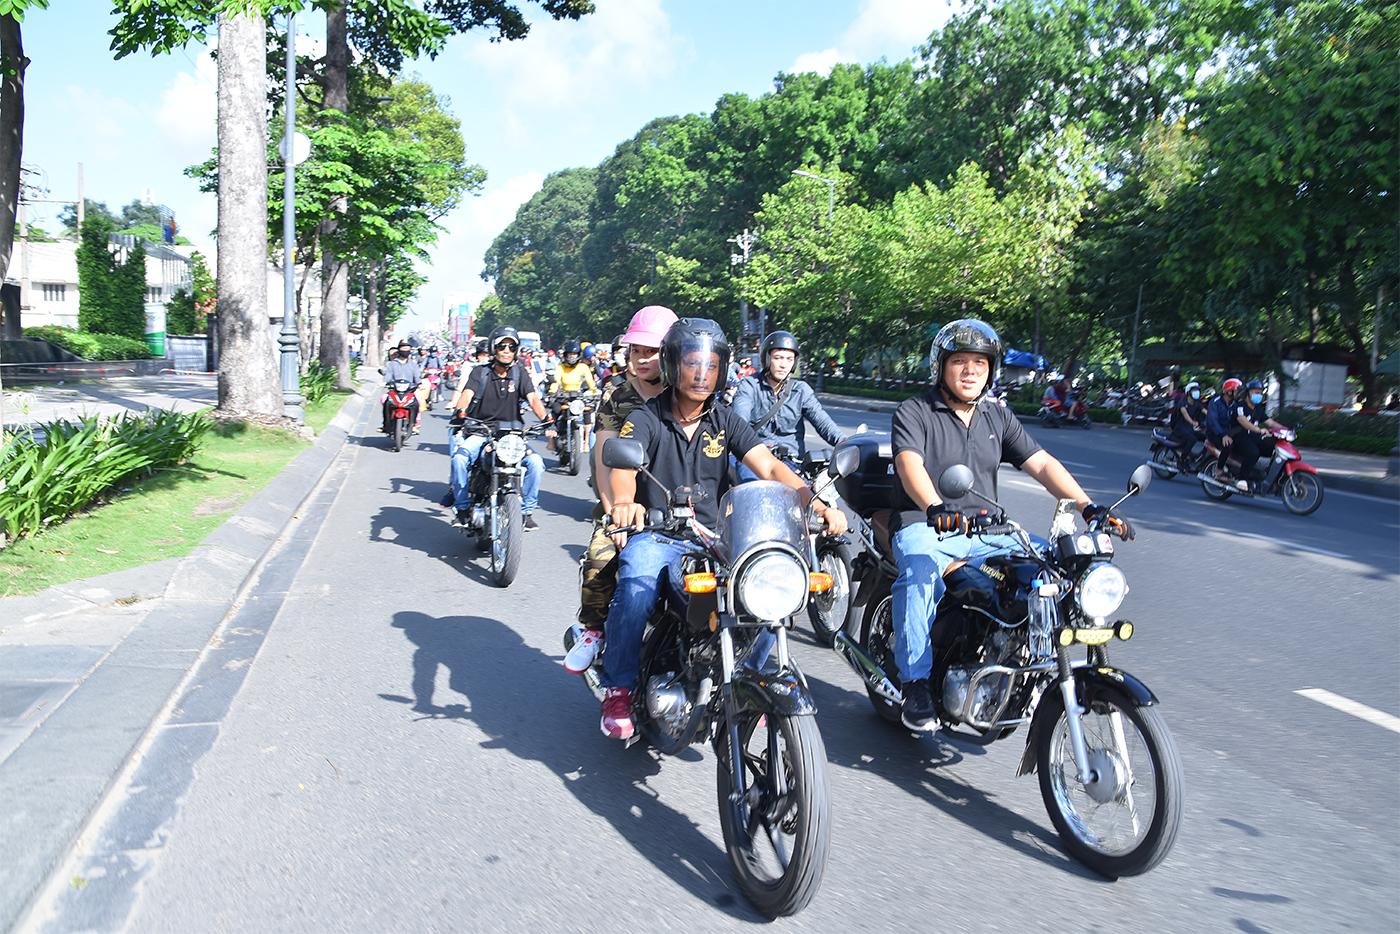 moi-chiec-gd110hu-mang-mot-phong-cach-ca-nhan-rieng-biet-cua-tung-biker.JPG